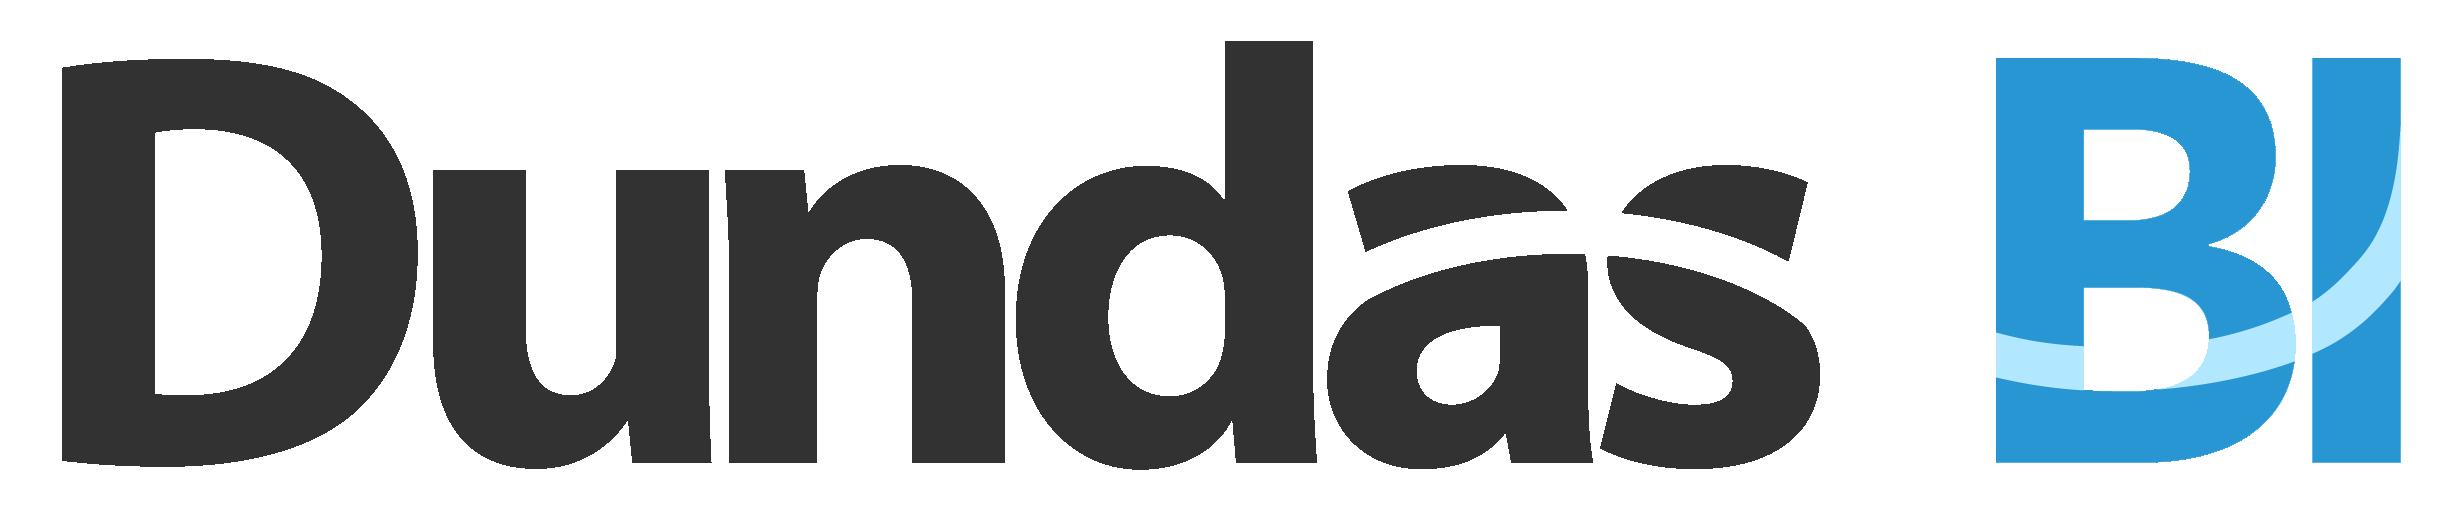 Image result for DUNDAS BI logo